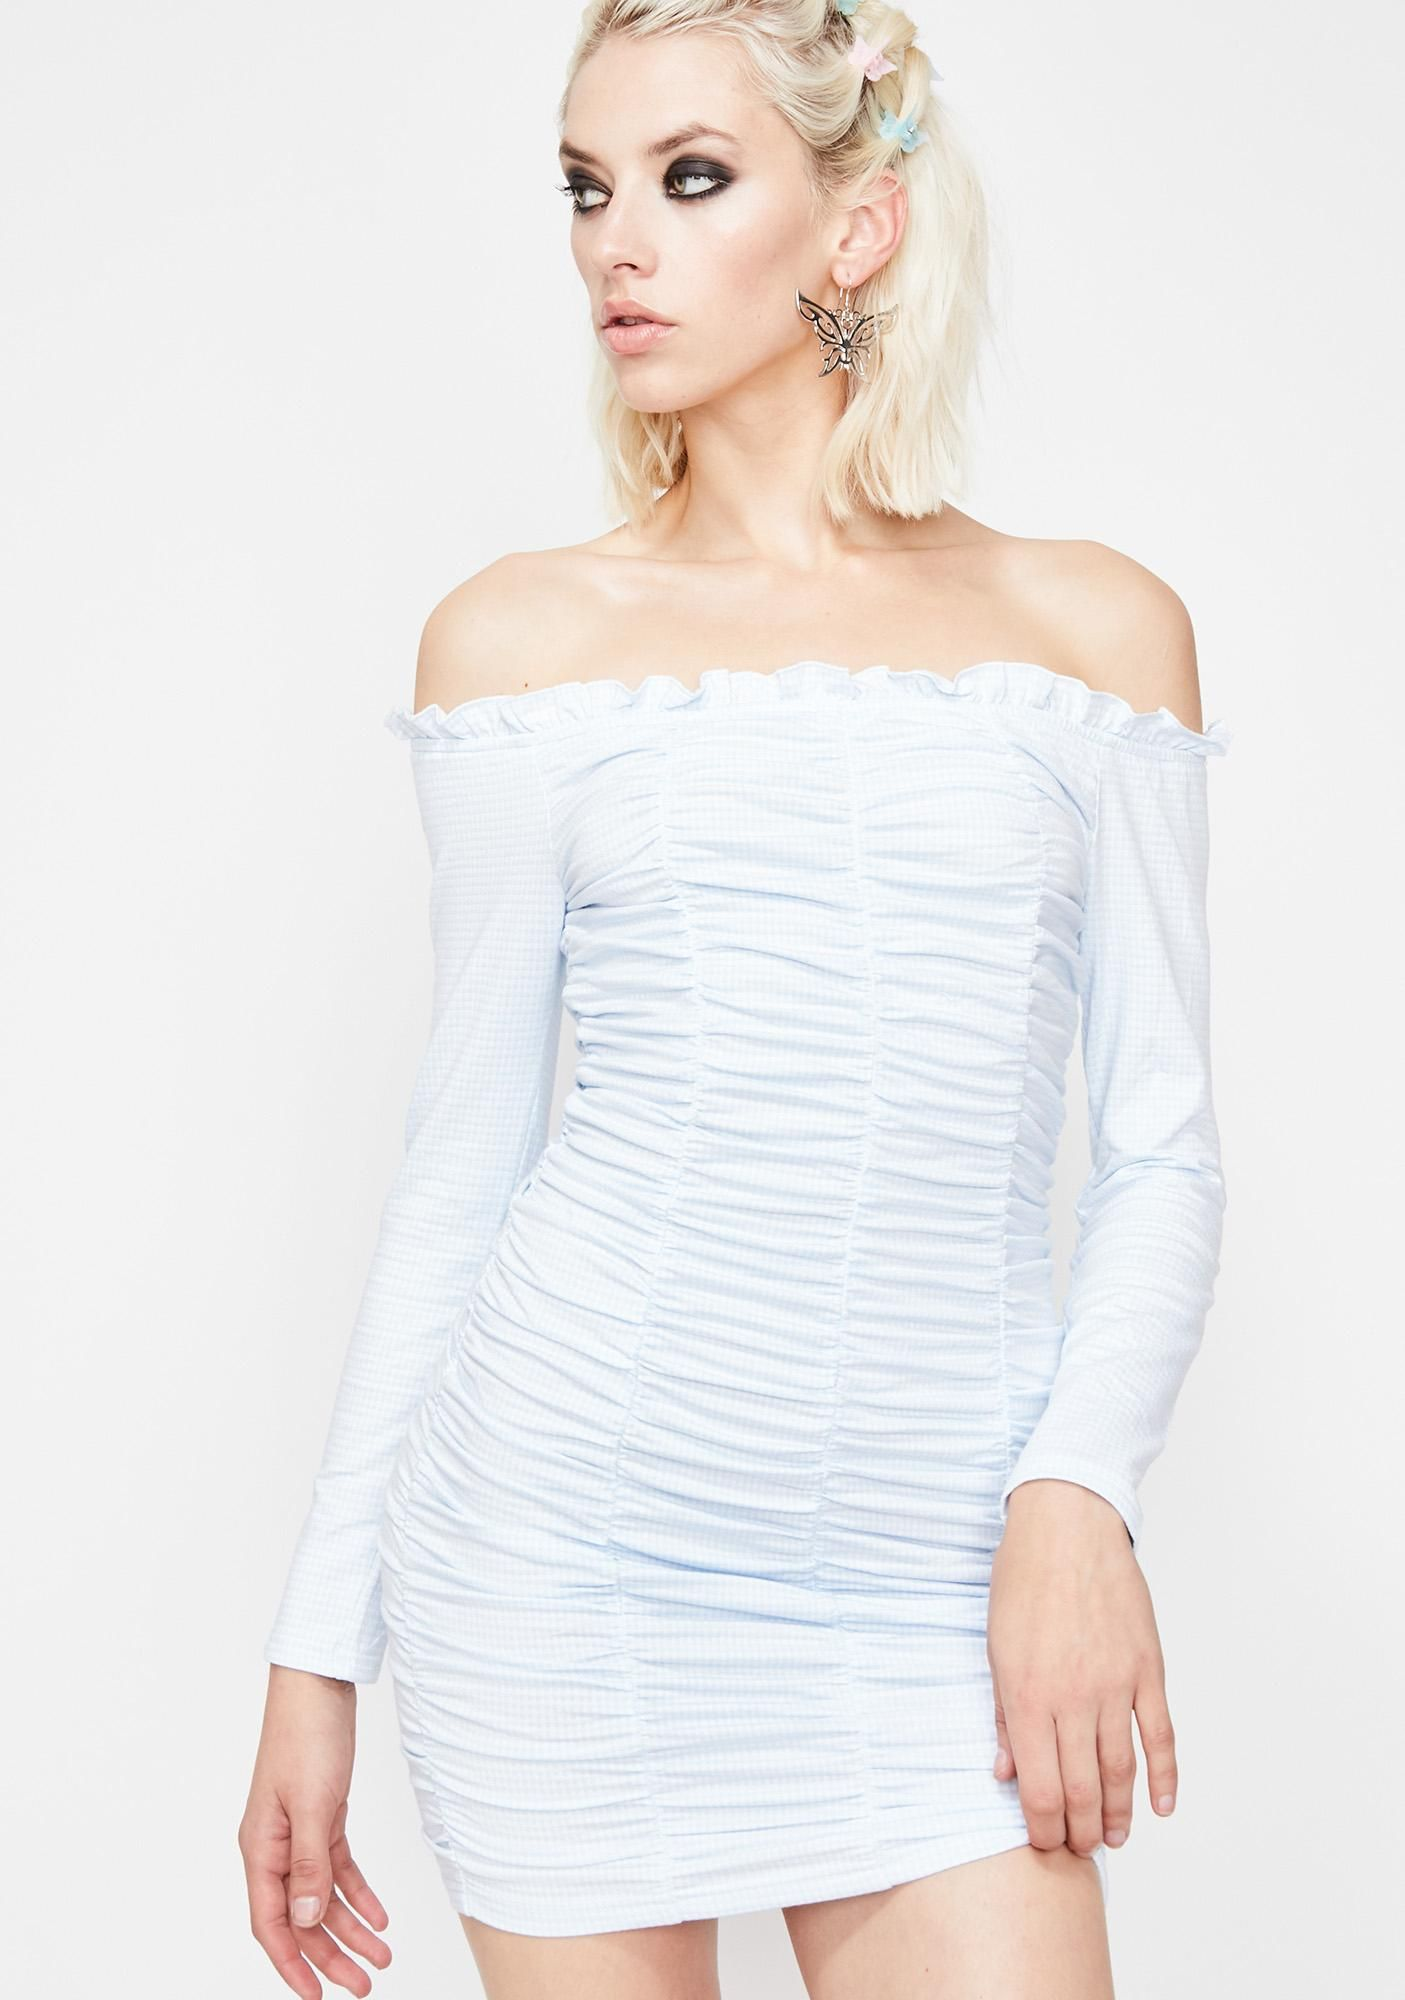 Sky Desperado Gingham Dress Gingham Dress Polka Dress Fashion Outfits